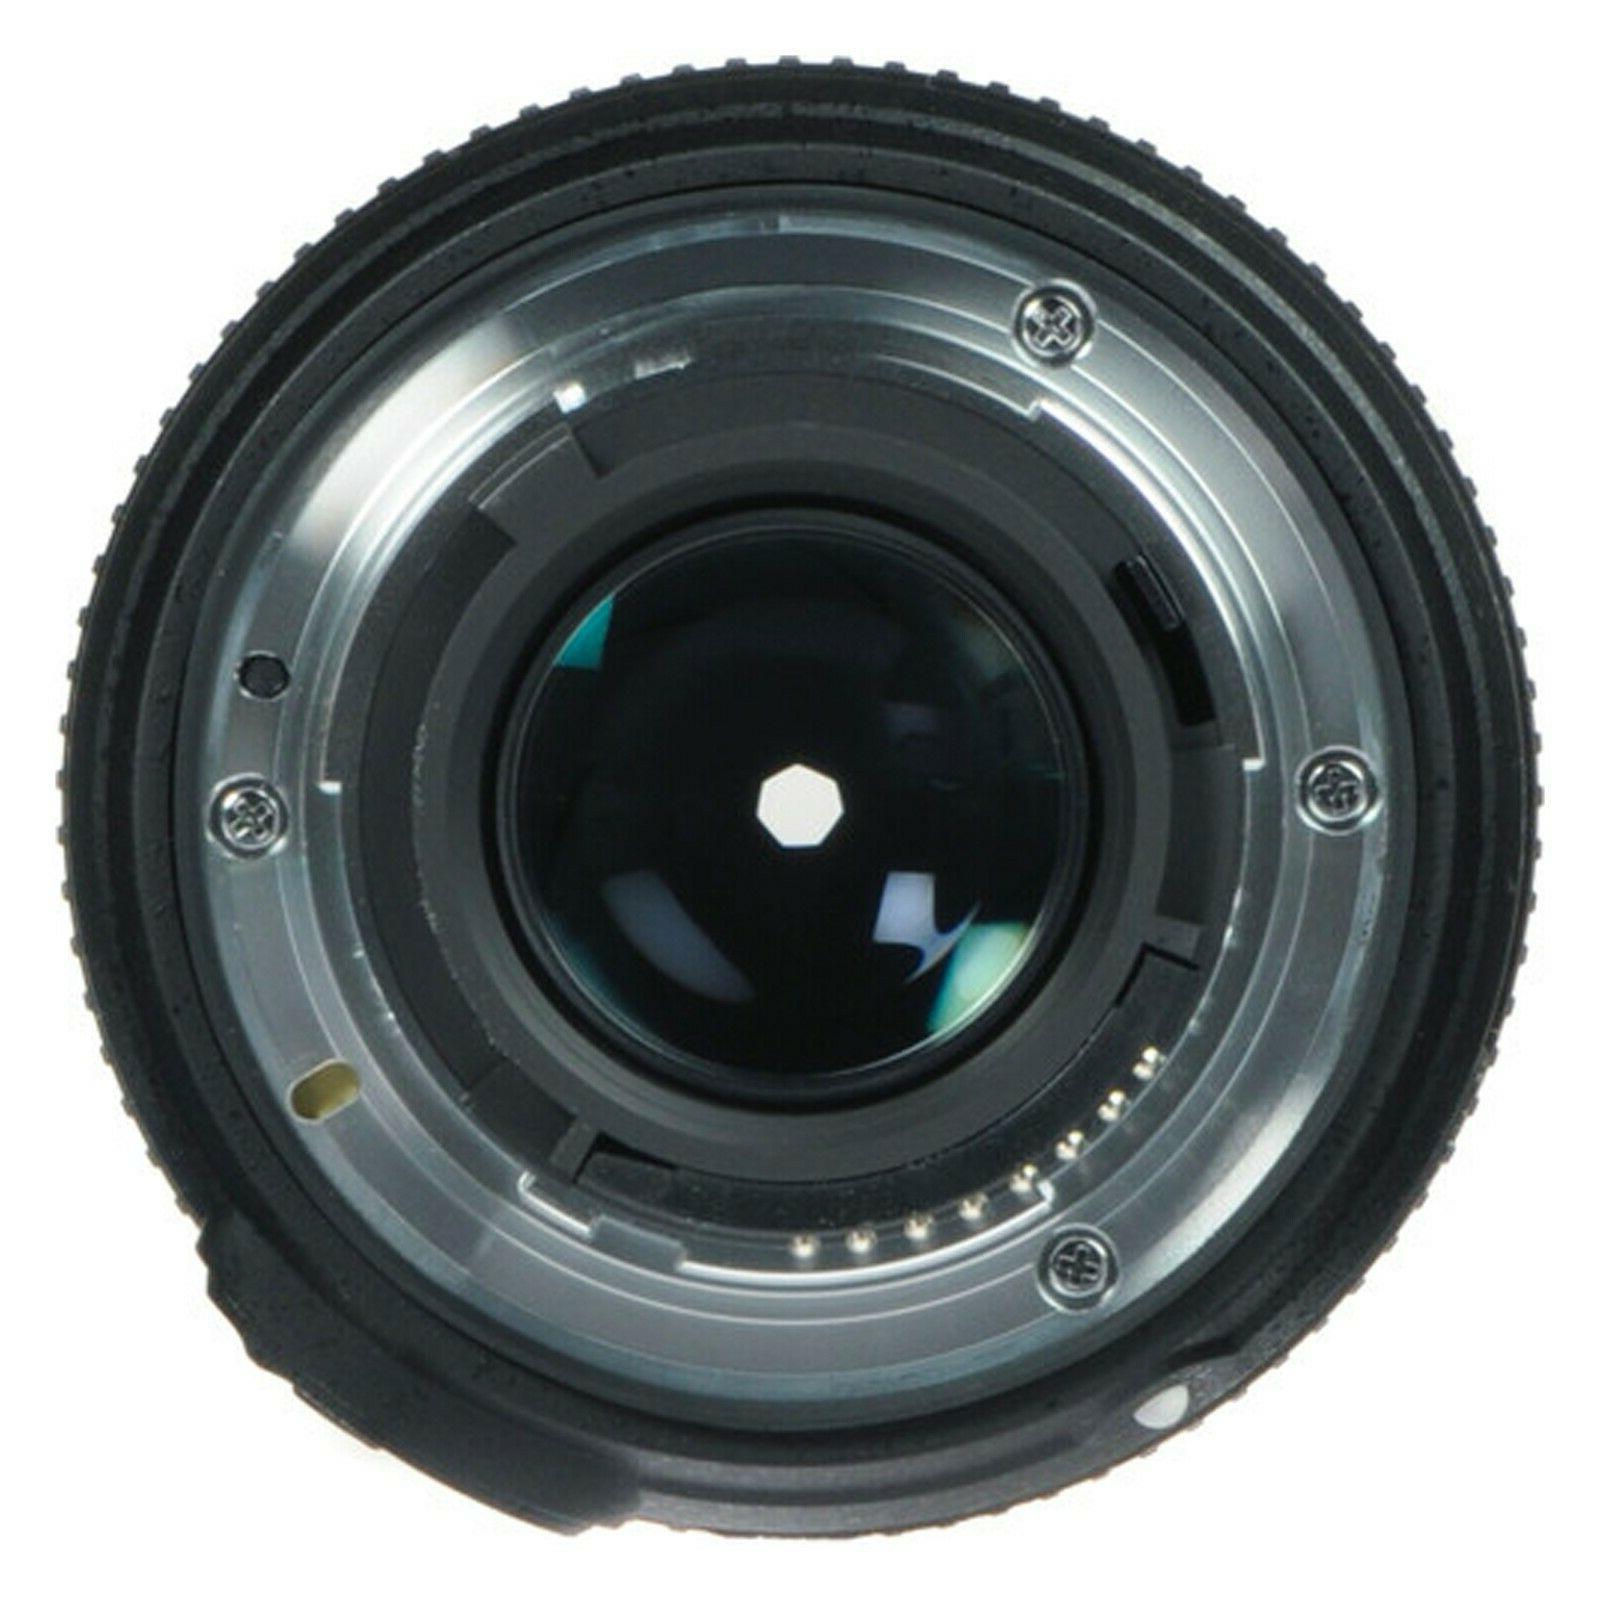 Nikon NIKKOR Digital SLR